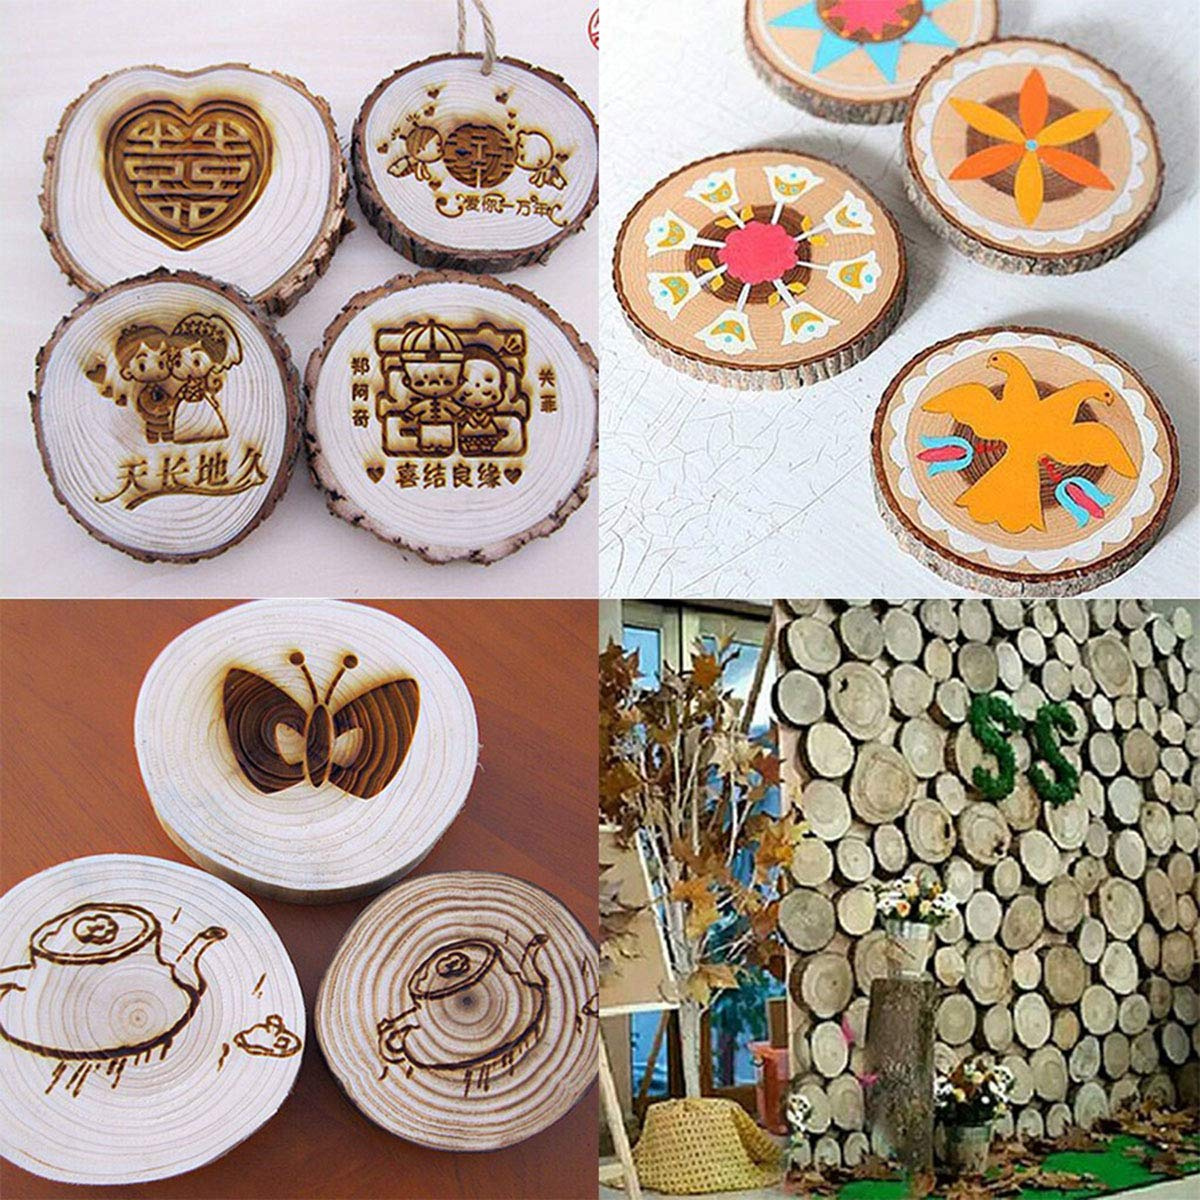 Yardwe 100pcs /Étiquettes Rondes en Bois Noel Tranches de Bois Naturel Brut 1.5-3cm Decoration Confettis en Bois Mariage Centre de Table DIY Artisanat Mariage